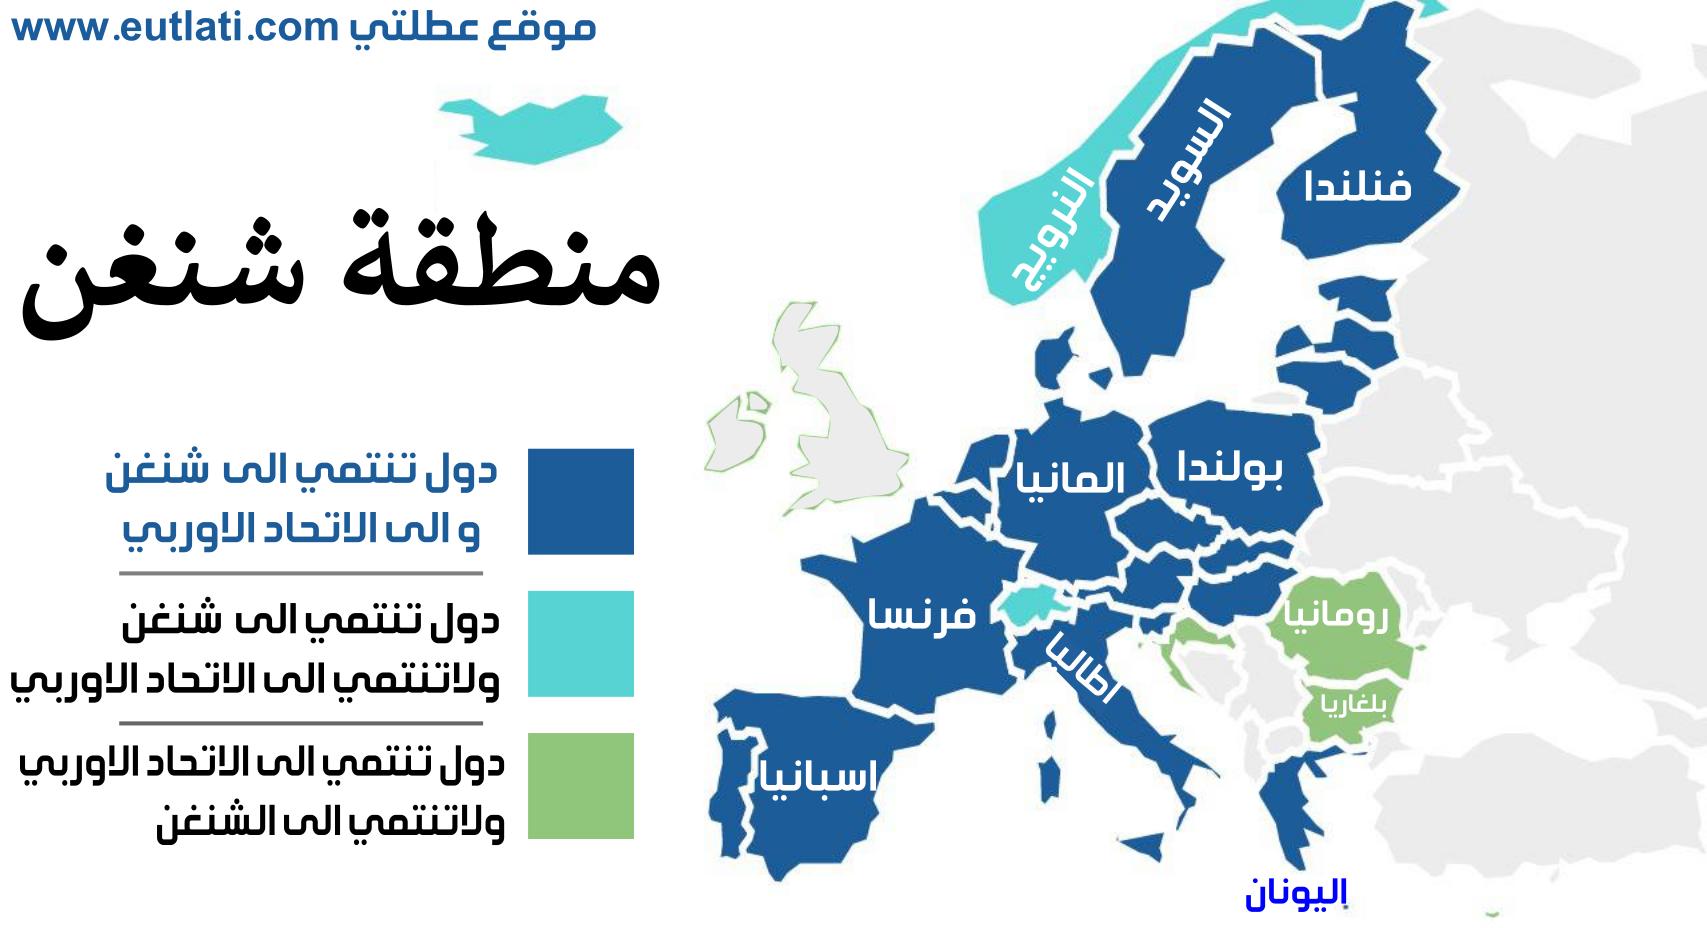 خريطة دول الشنغن بالعربي